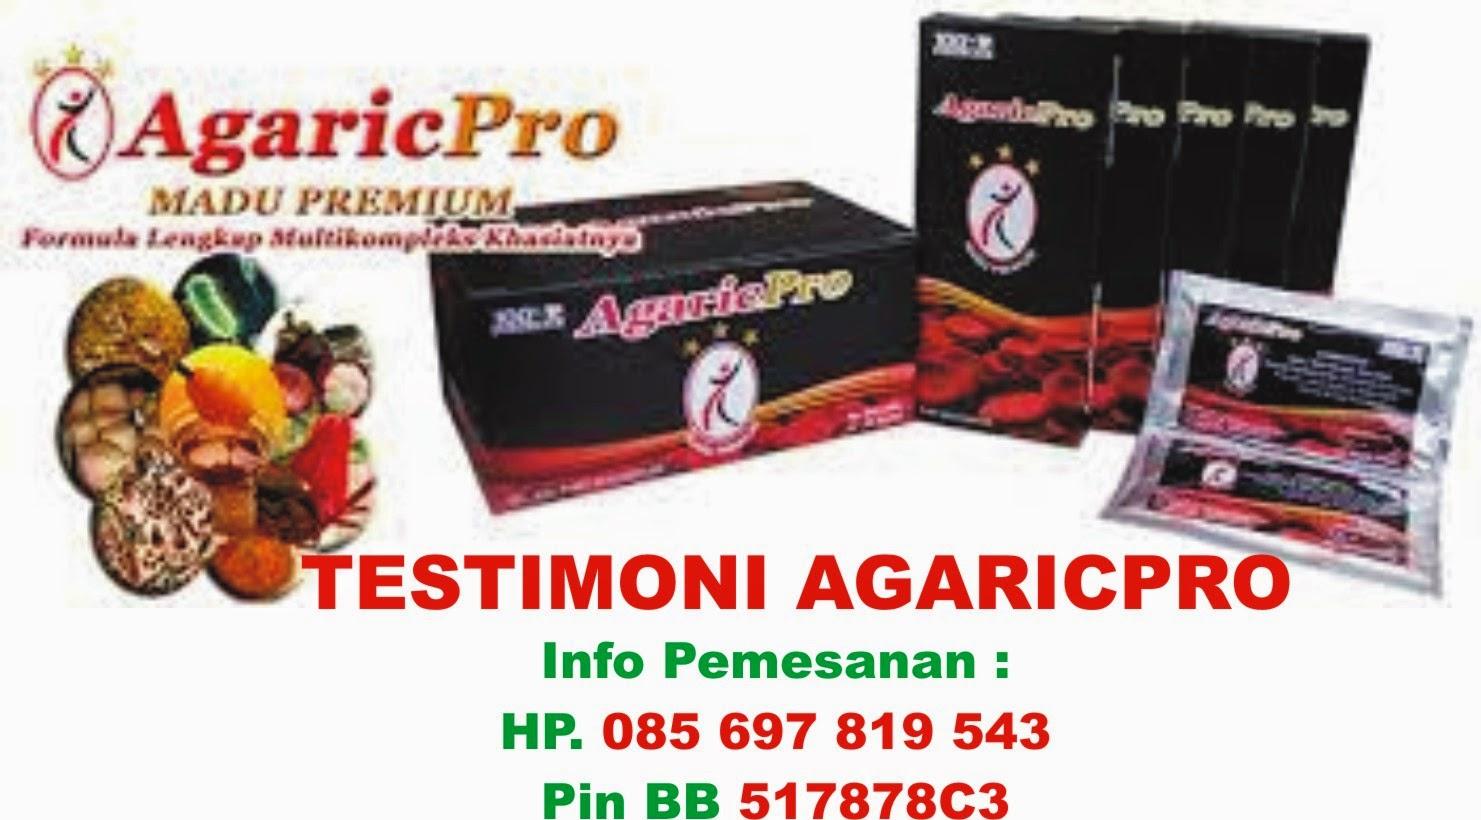 Testimoni Obat Herbal AgaricPro